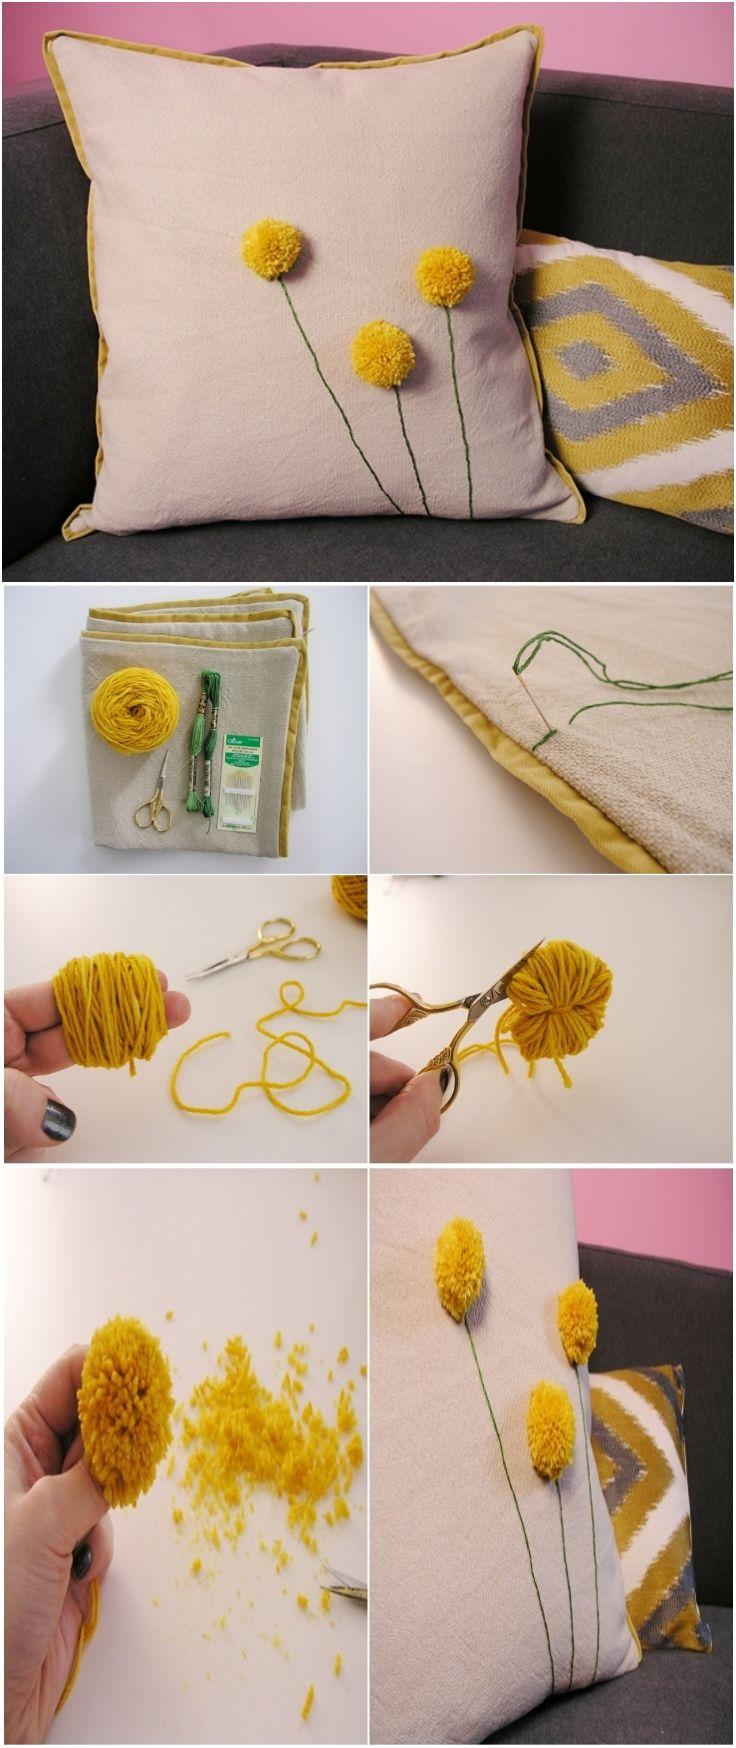 Как выглядят рукодельные подарки, интересные вашим близким: декоративные подушки и серии наволочек к ним - с объемными одуванчиками